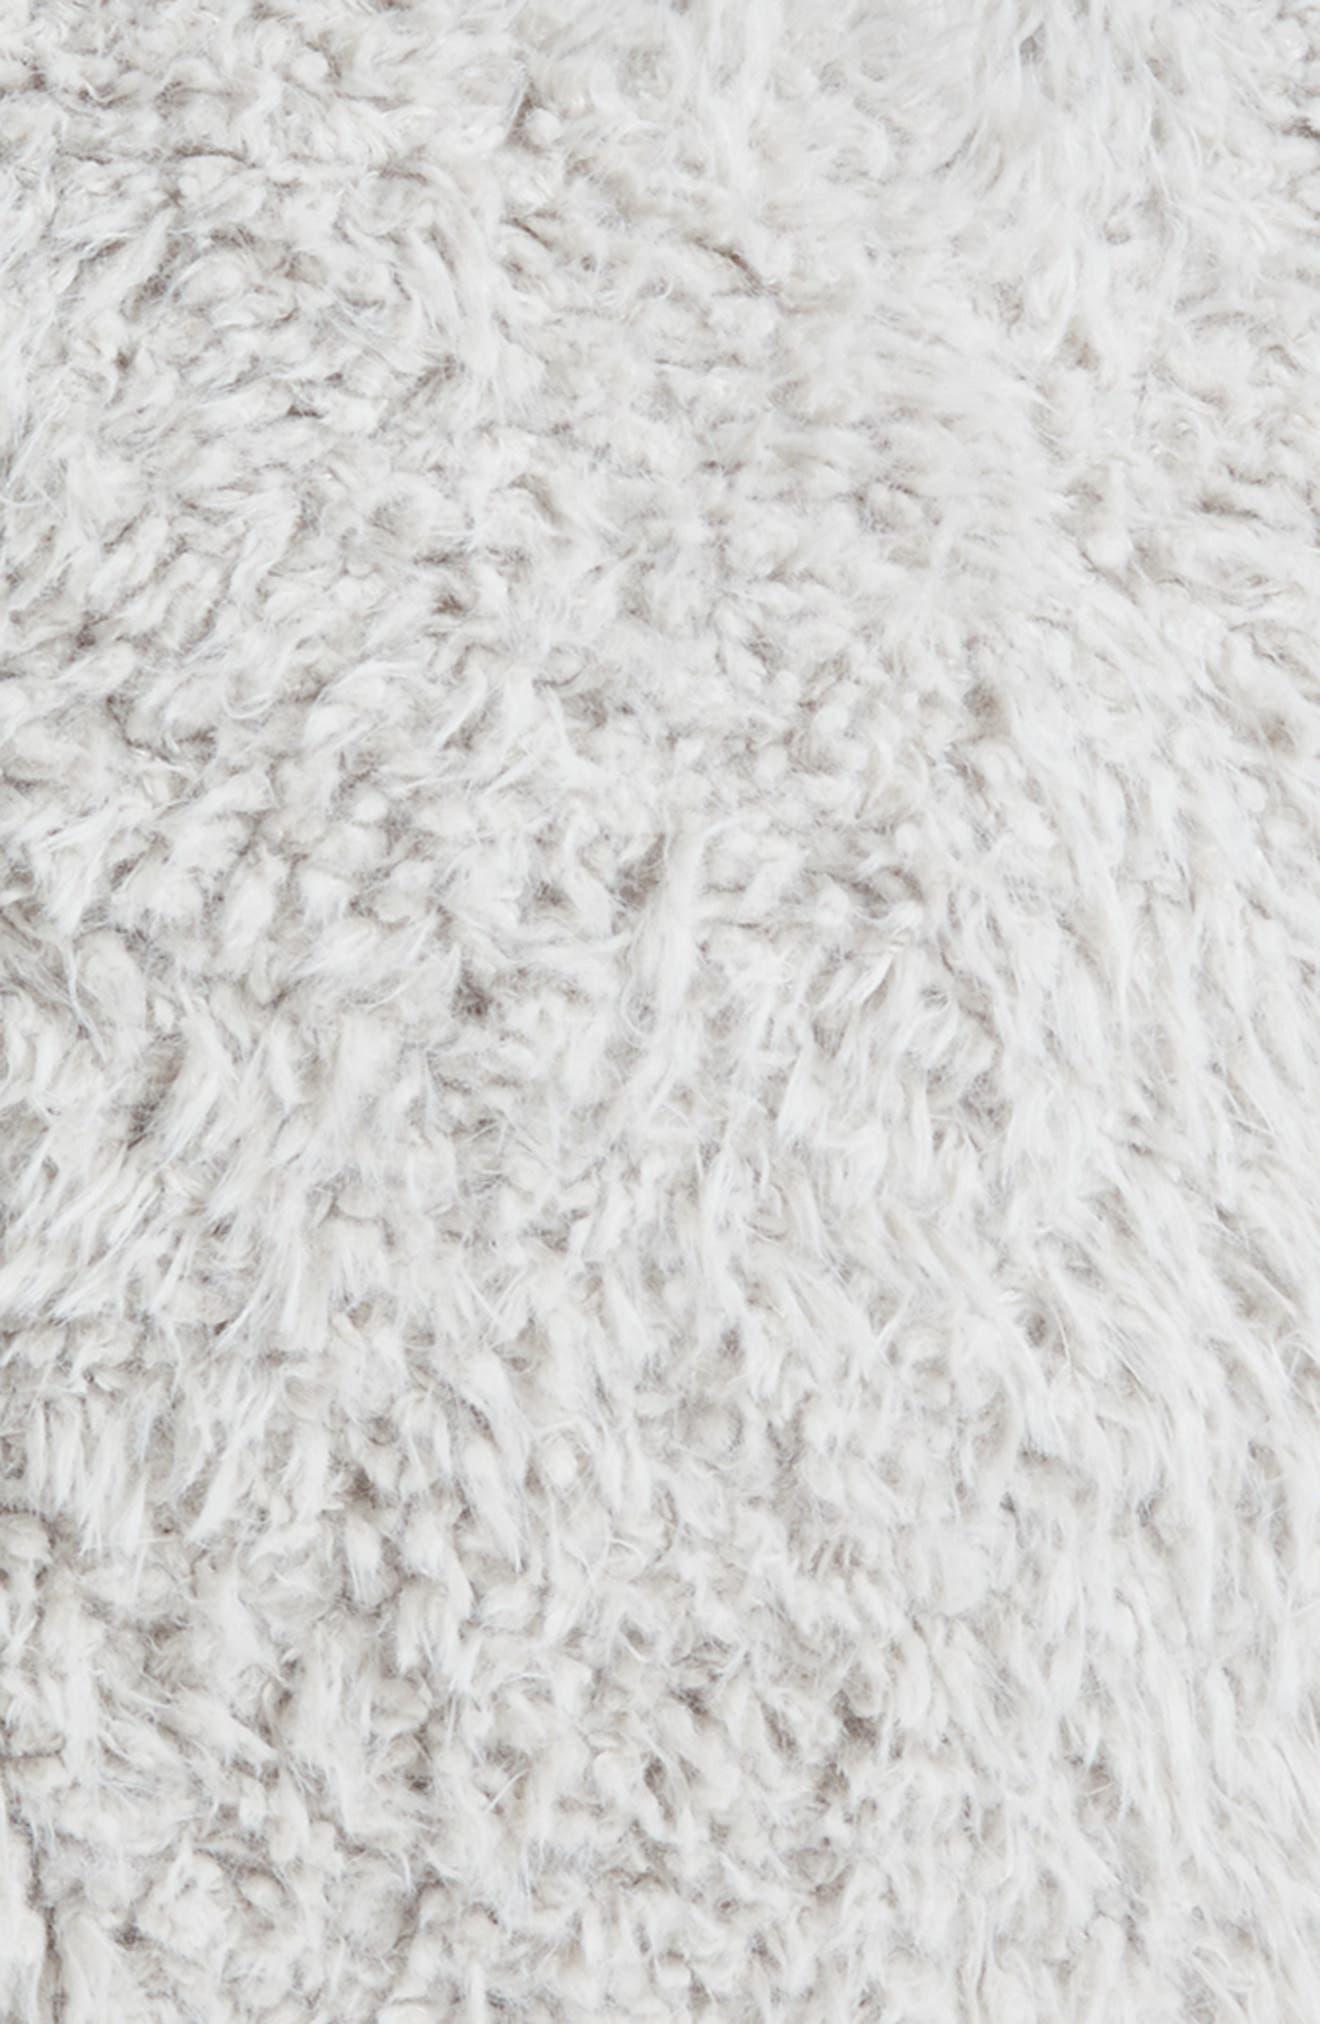 Shaggy Faux Fur Backrest Pillow,                             Alternate thumbnail 3, color,                             020